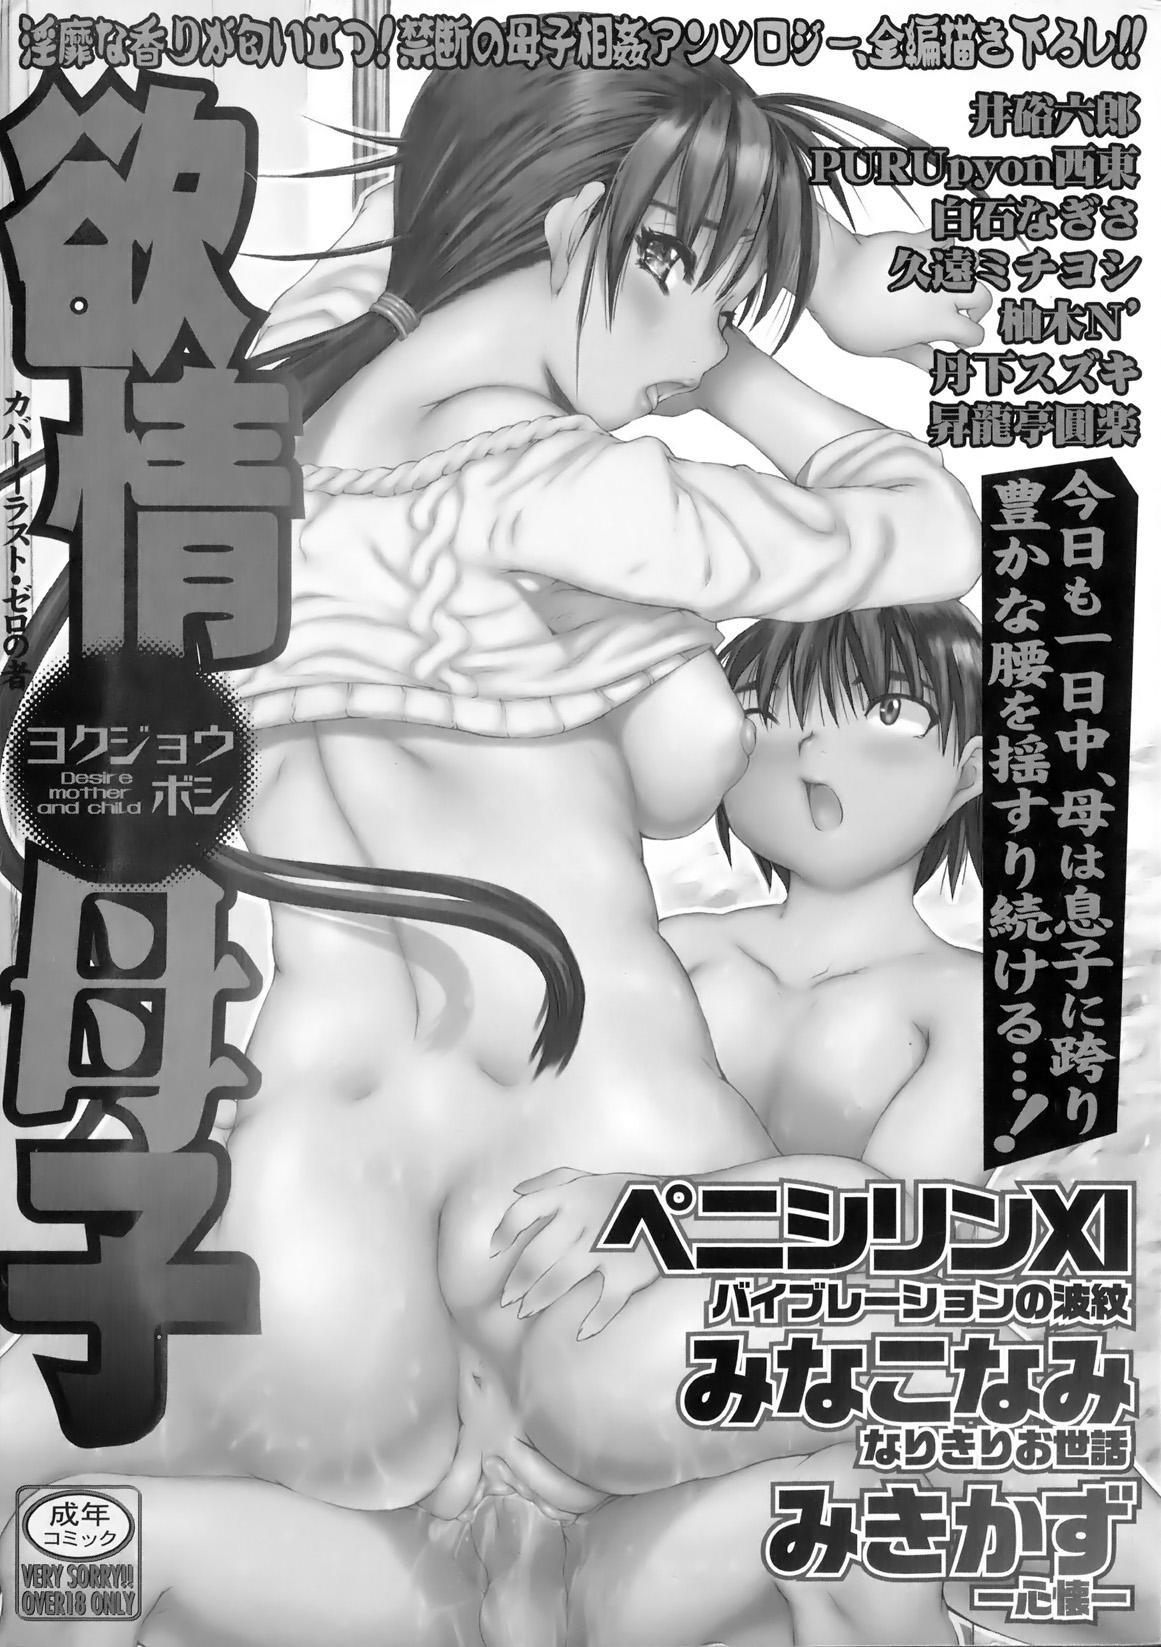 Yokujou Boshi - Desire Mother and Child 2